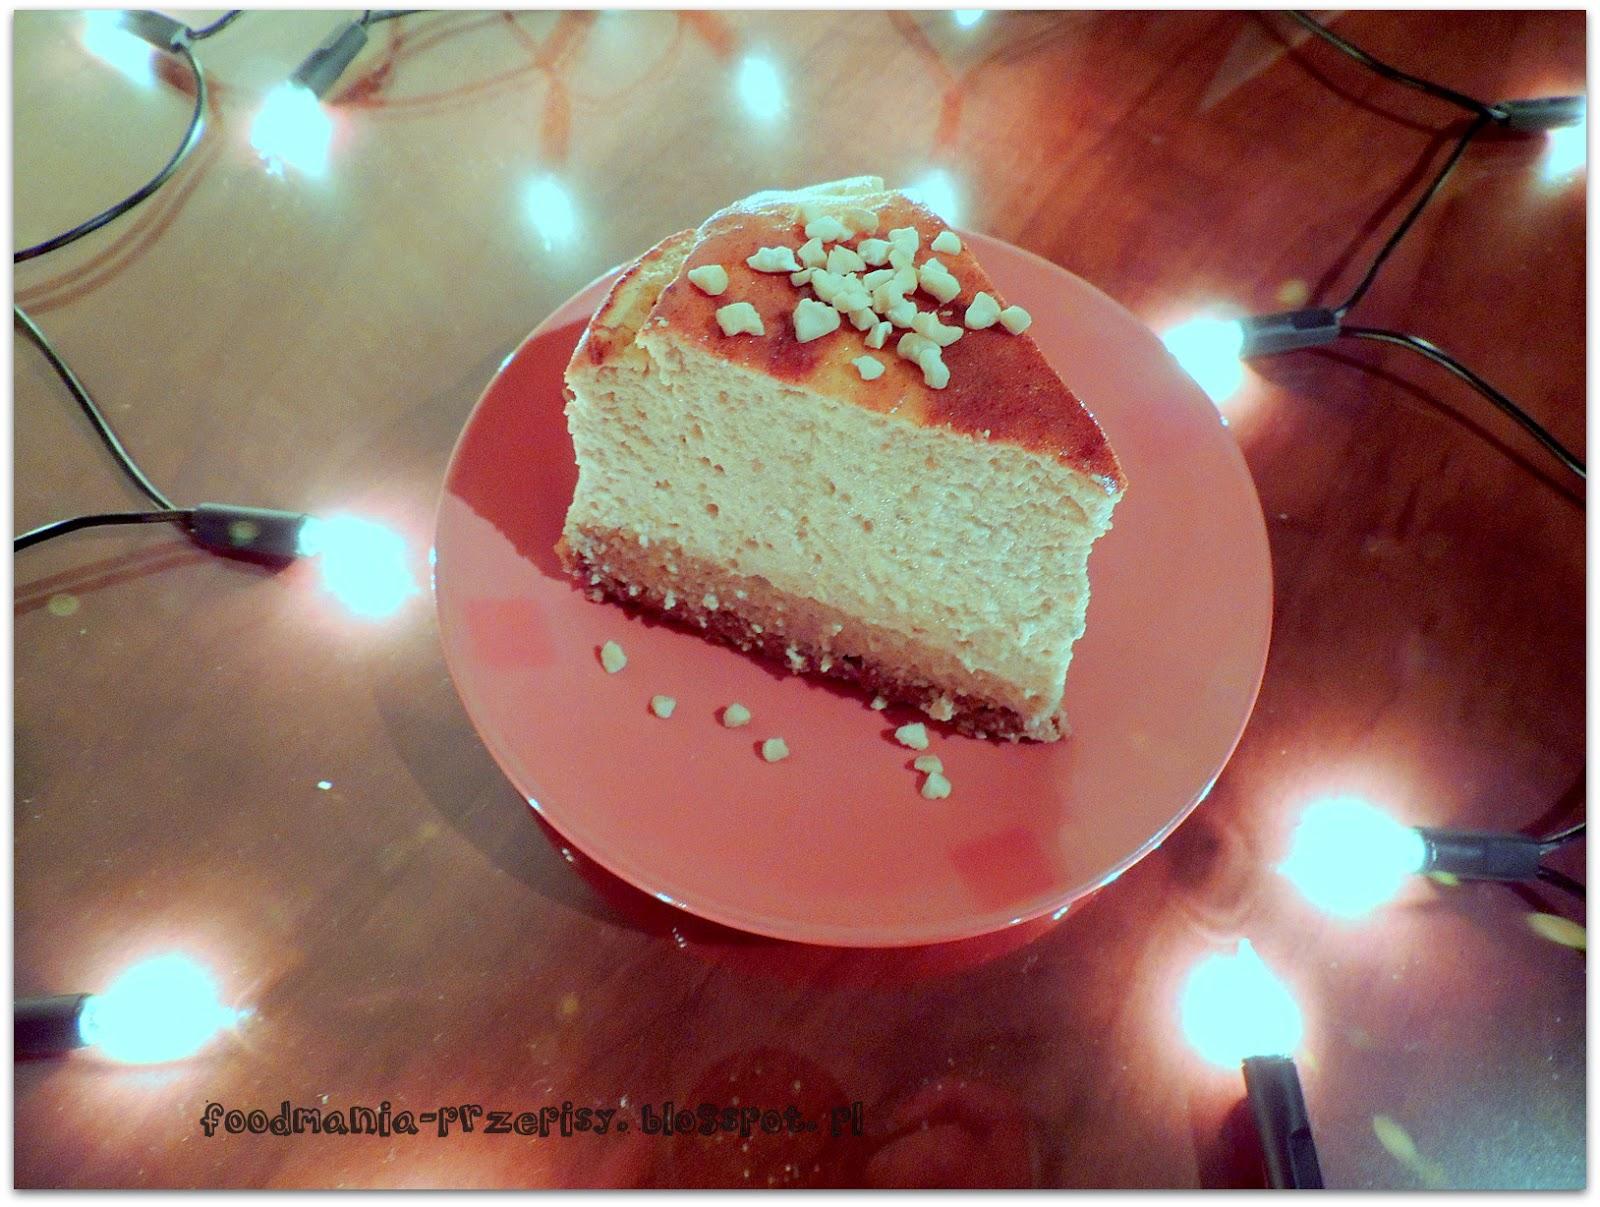 http://foodmania-przepisy.blogspot.com/2014/04/dietetyczny-sernik-bananowy.html